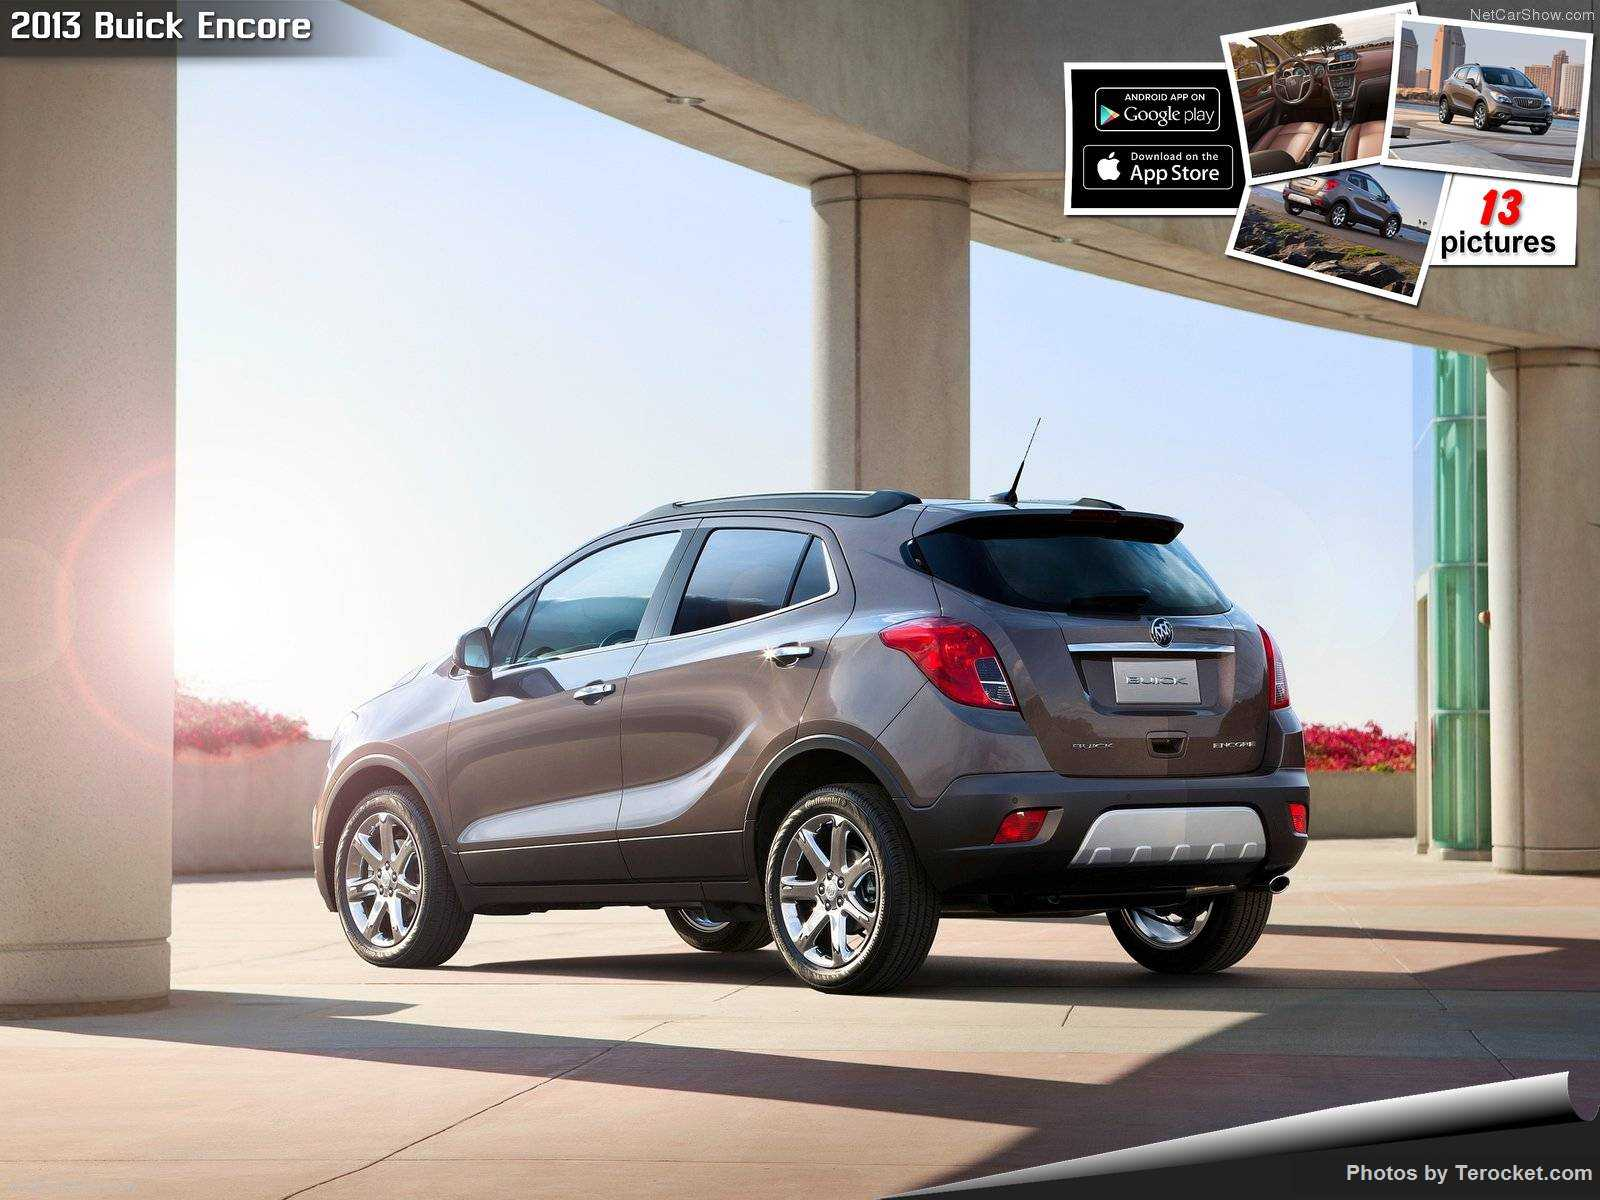 Hình ảnh xe ô tô Buick Encore 2013 & nội ngoại thất